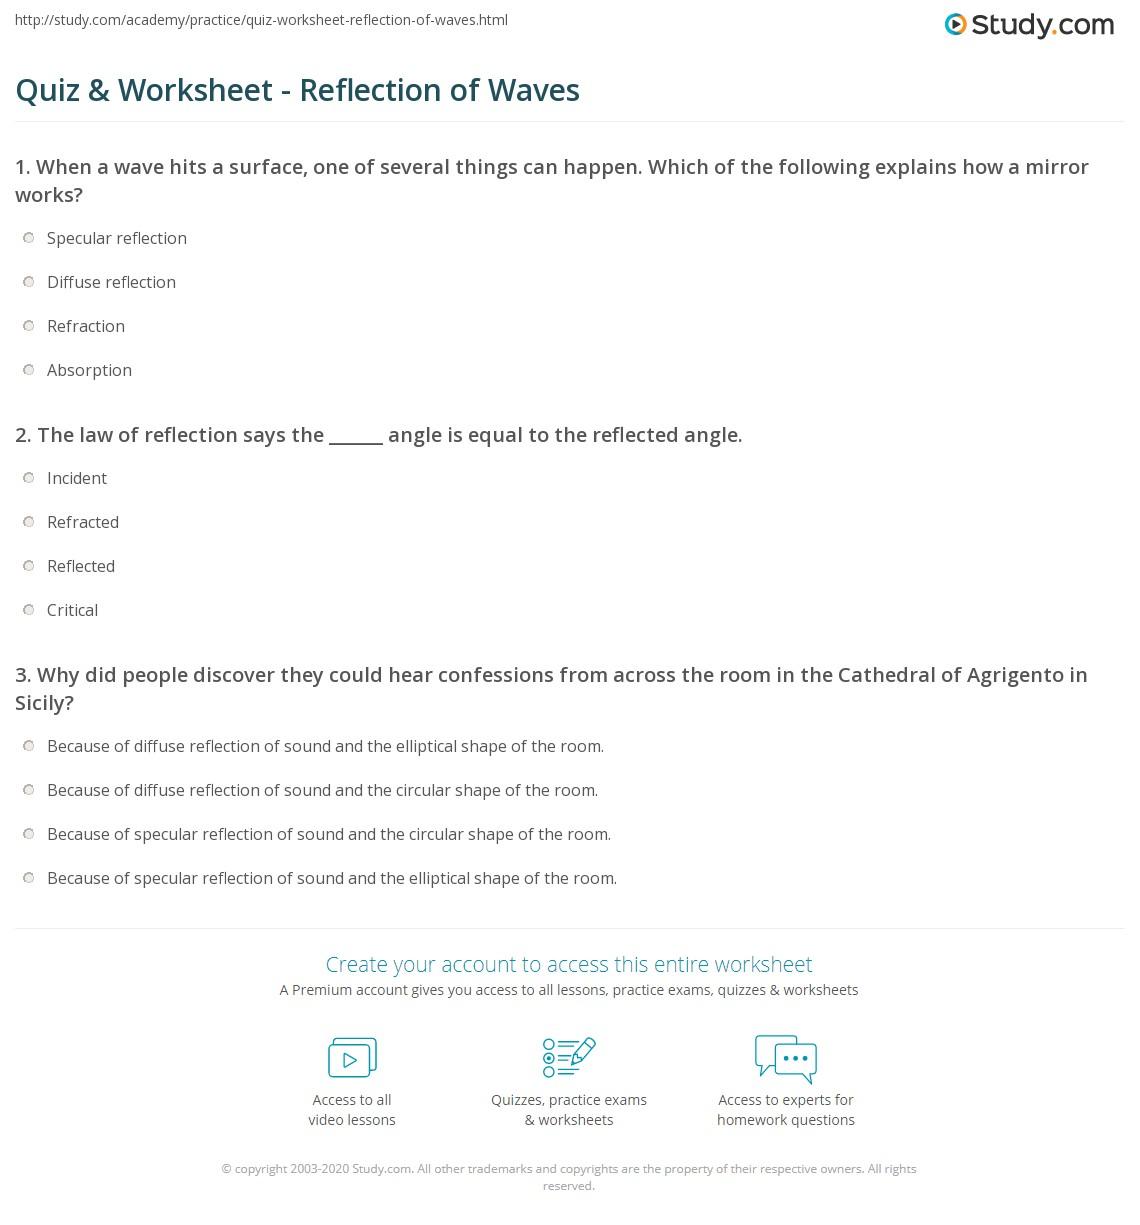 Reflection And Refraction Worksheet - crap-design.com grade worksheets, worksheets for teachers, worksheets, free worksheets, and multiplication Reflection And Refraction Worksheets 1231 x 1140